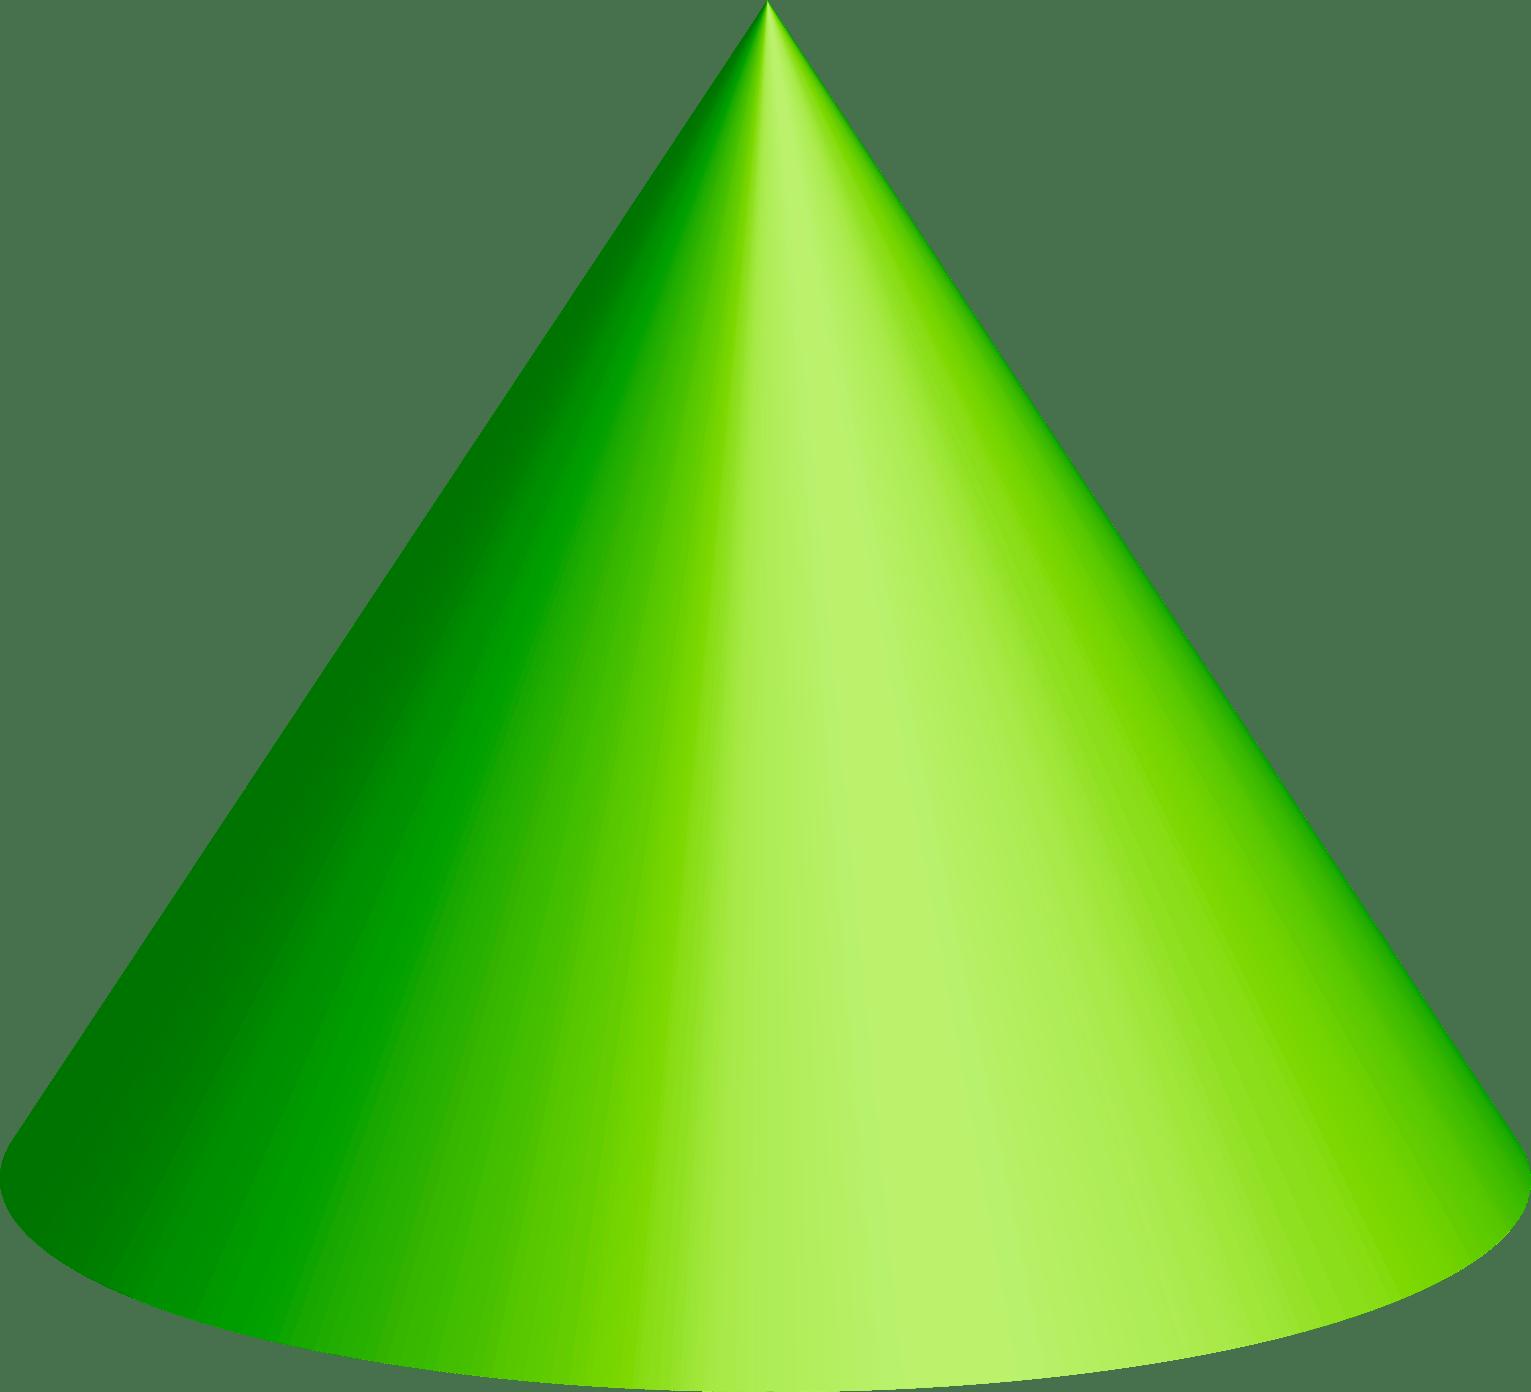 Cone Clipart 3 D Shape Cone 3 D Shape Transparent Free